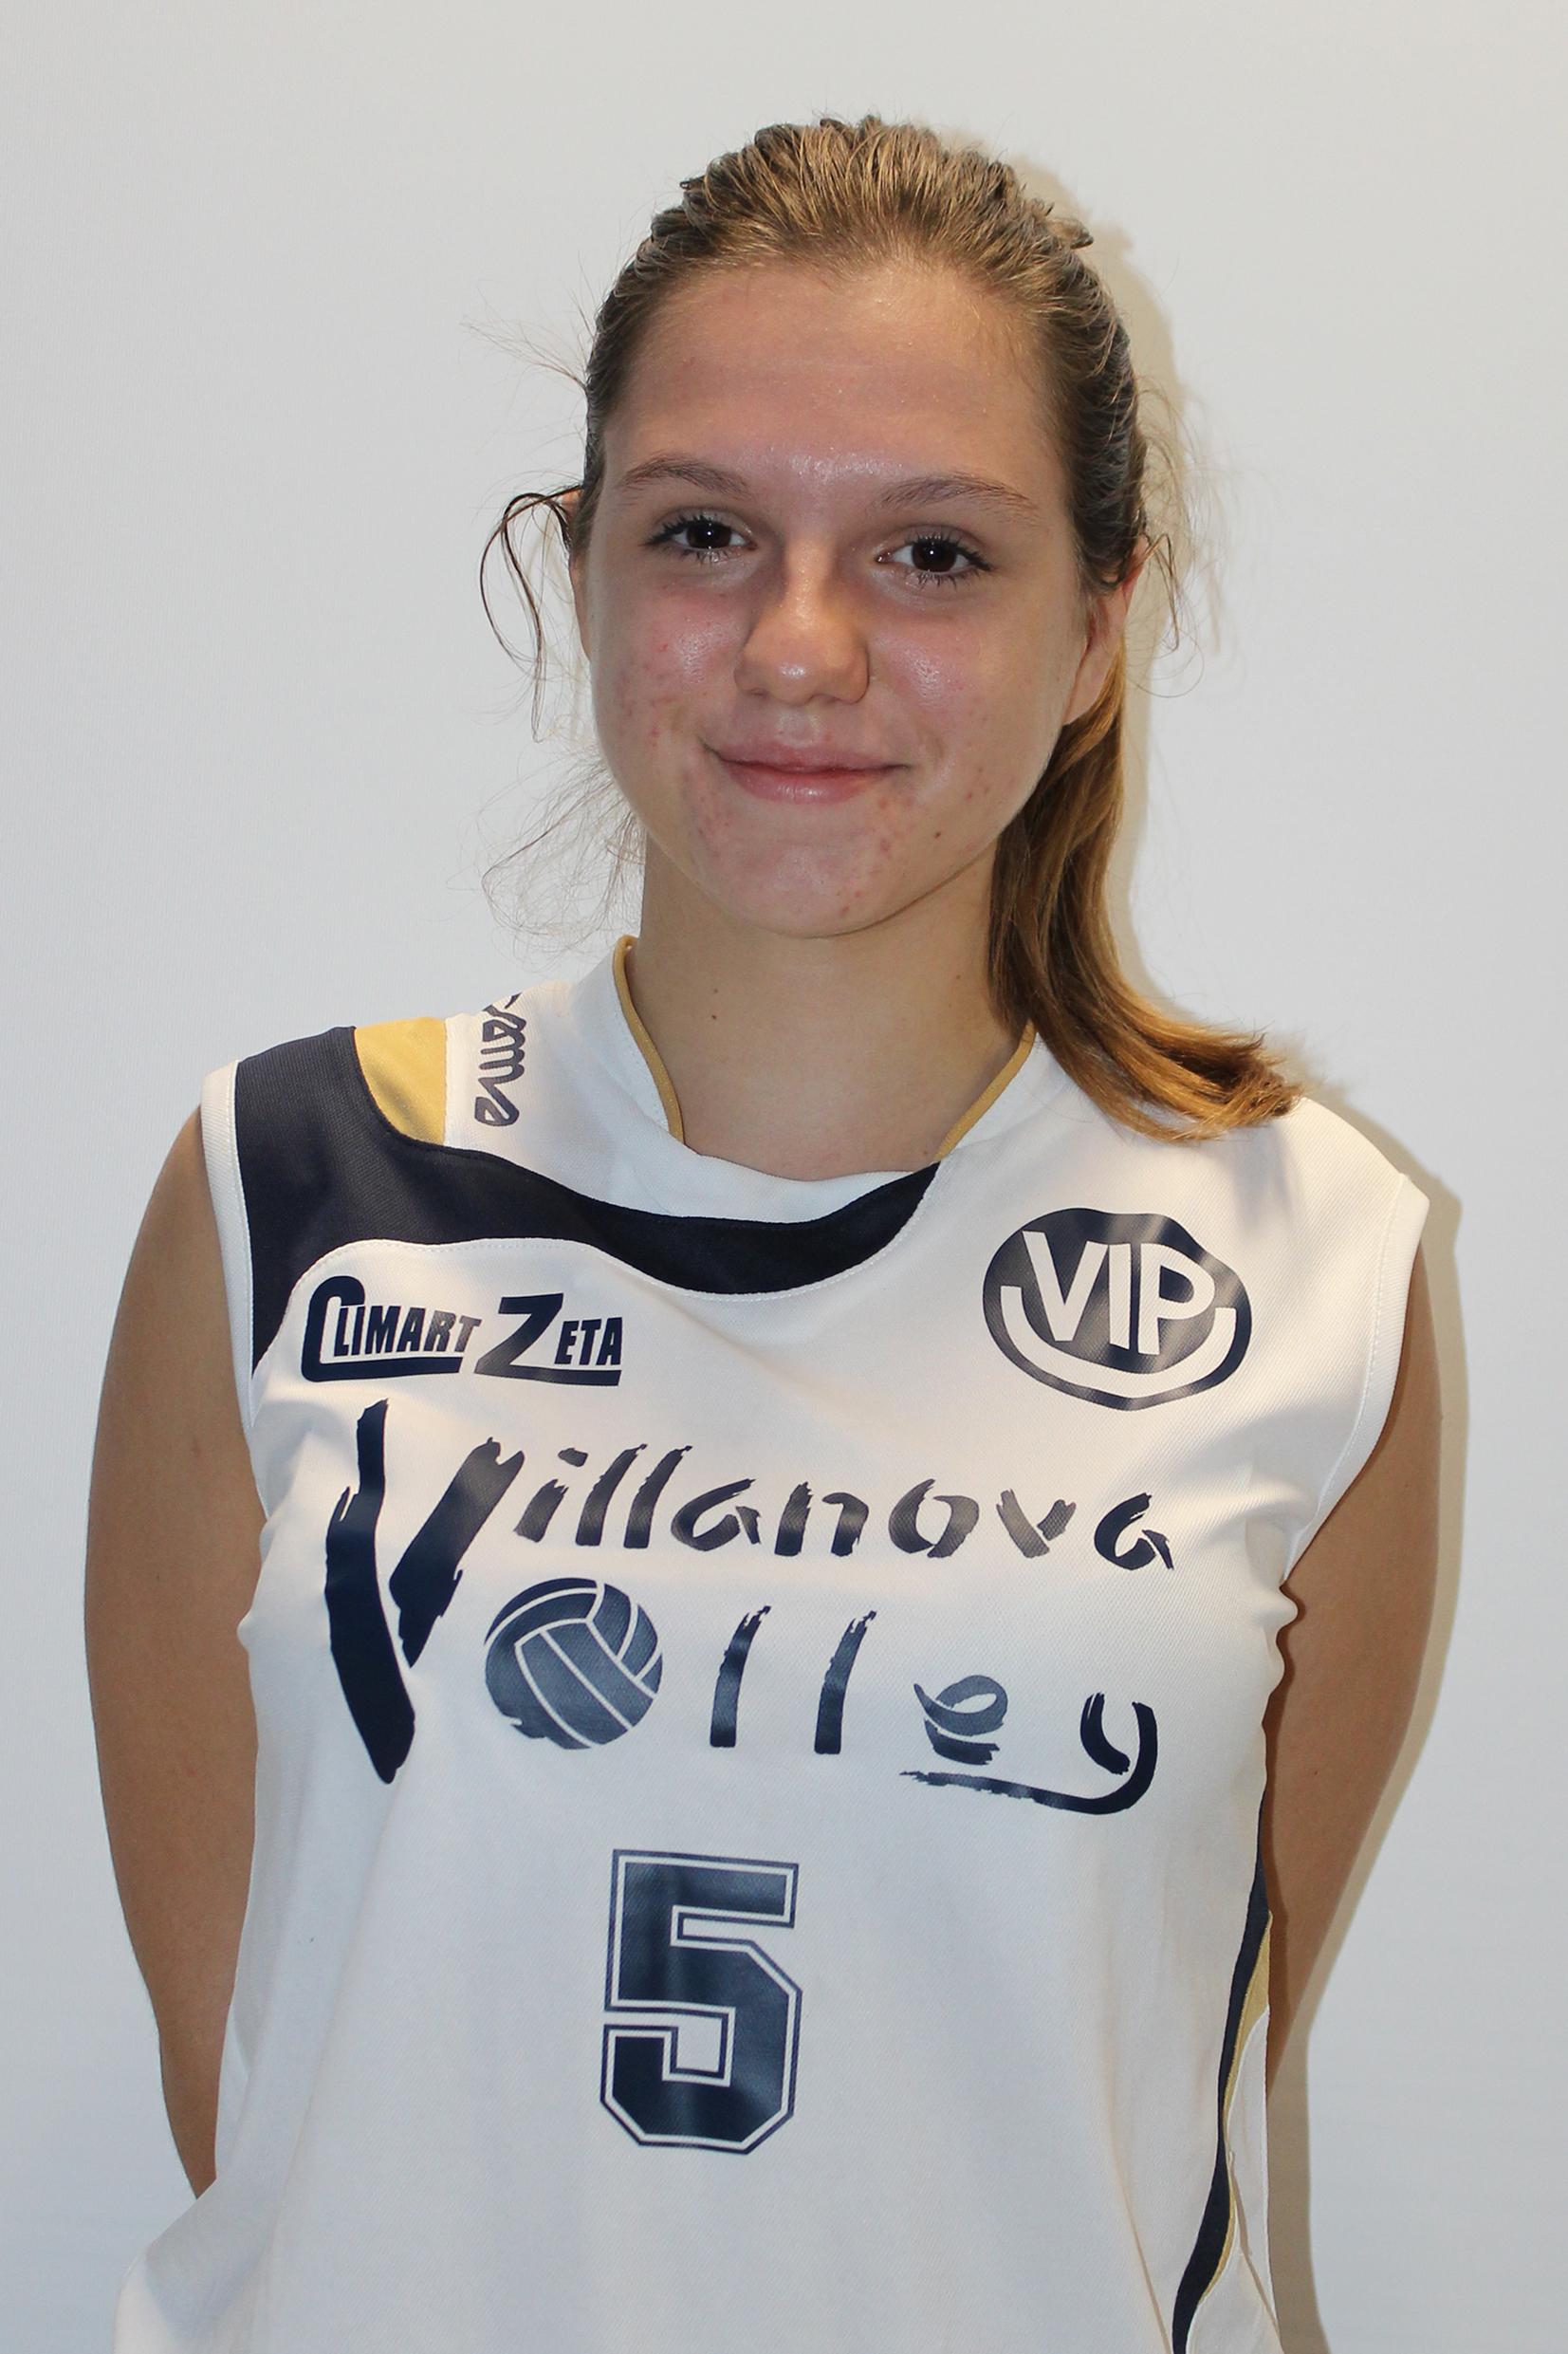 Jessica Saggiomo